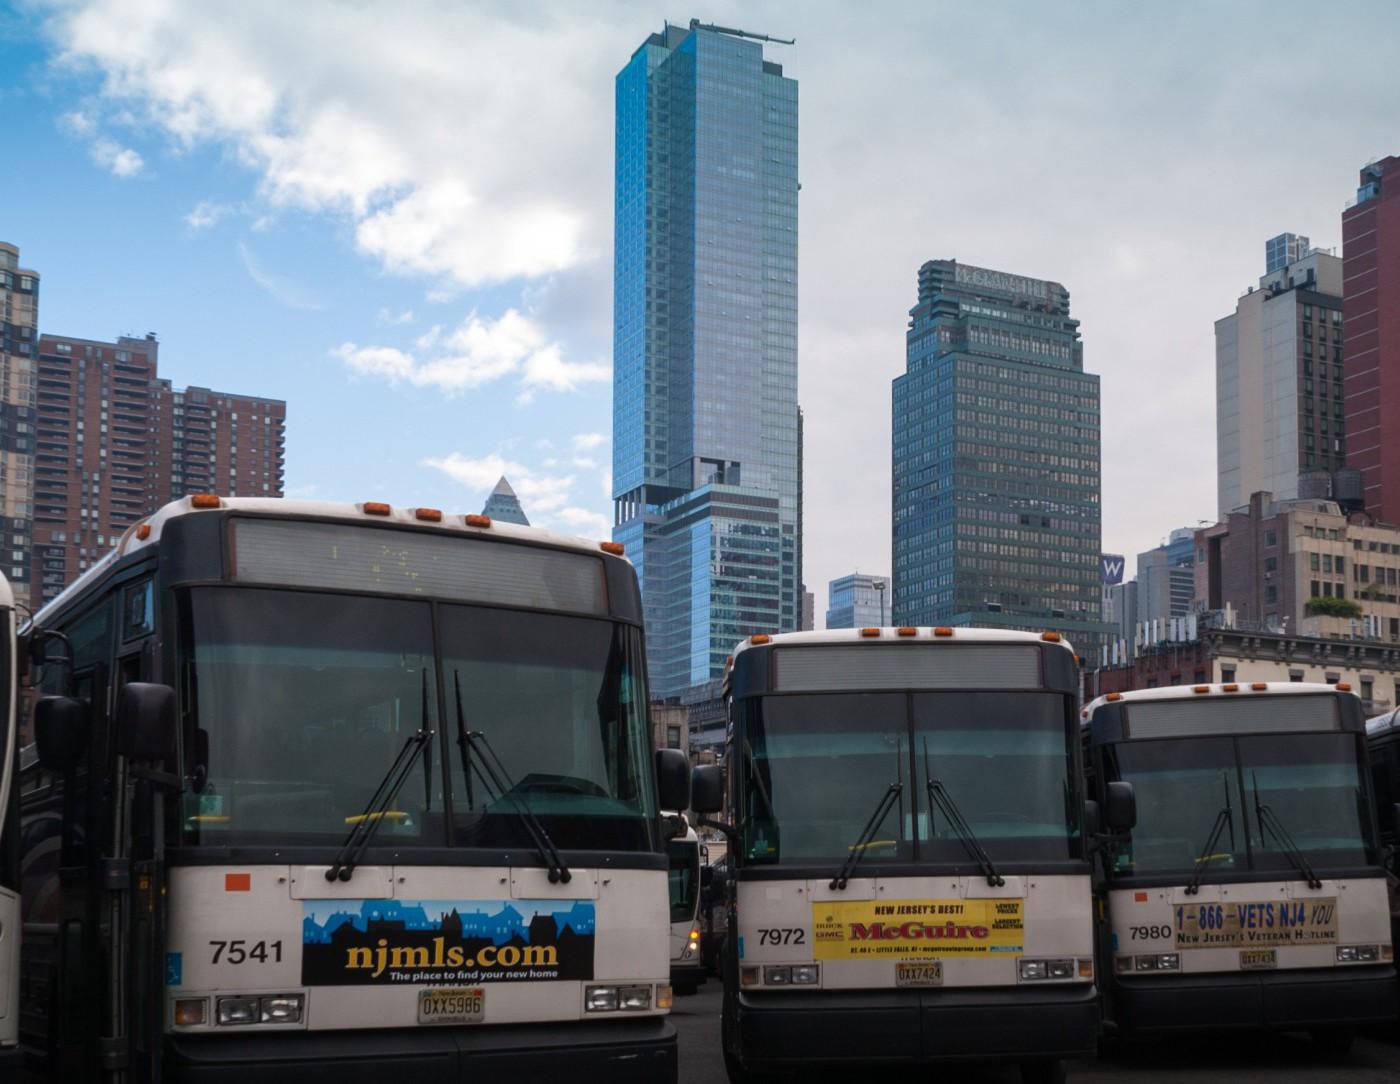 City_Busses.jpg